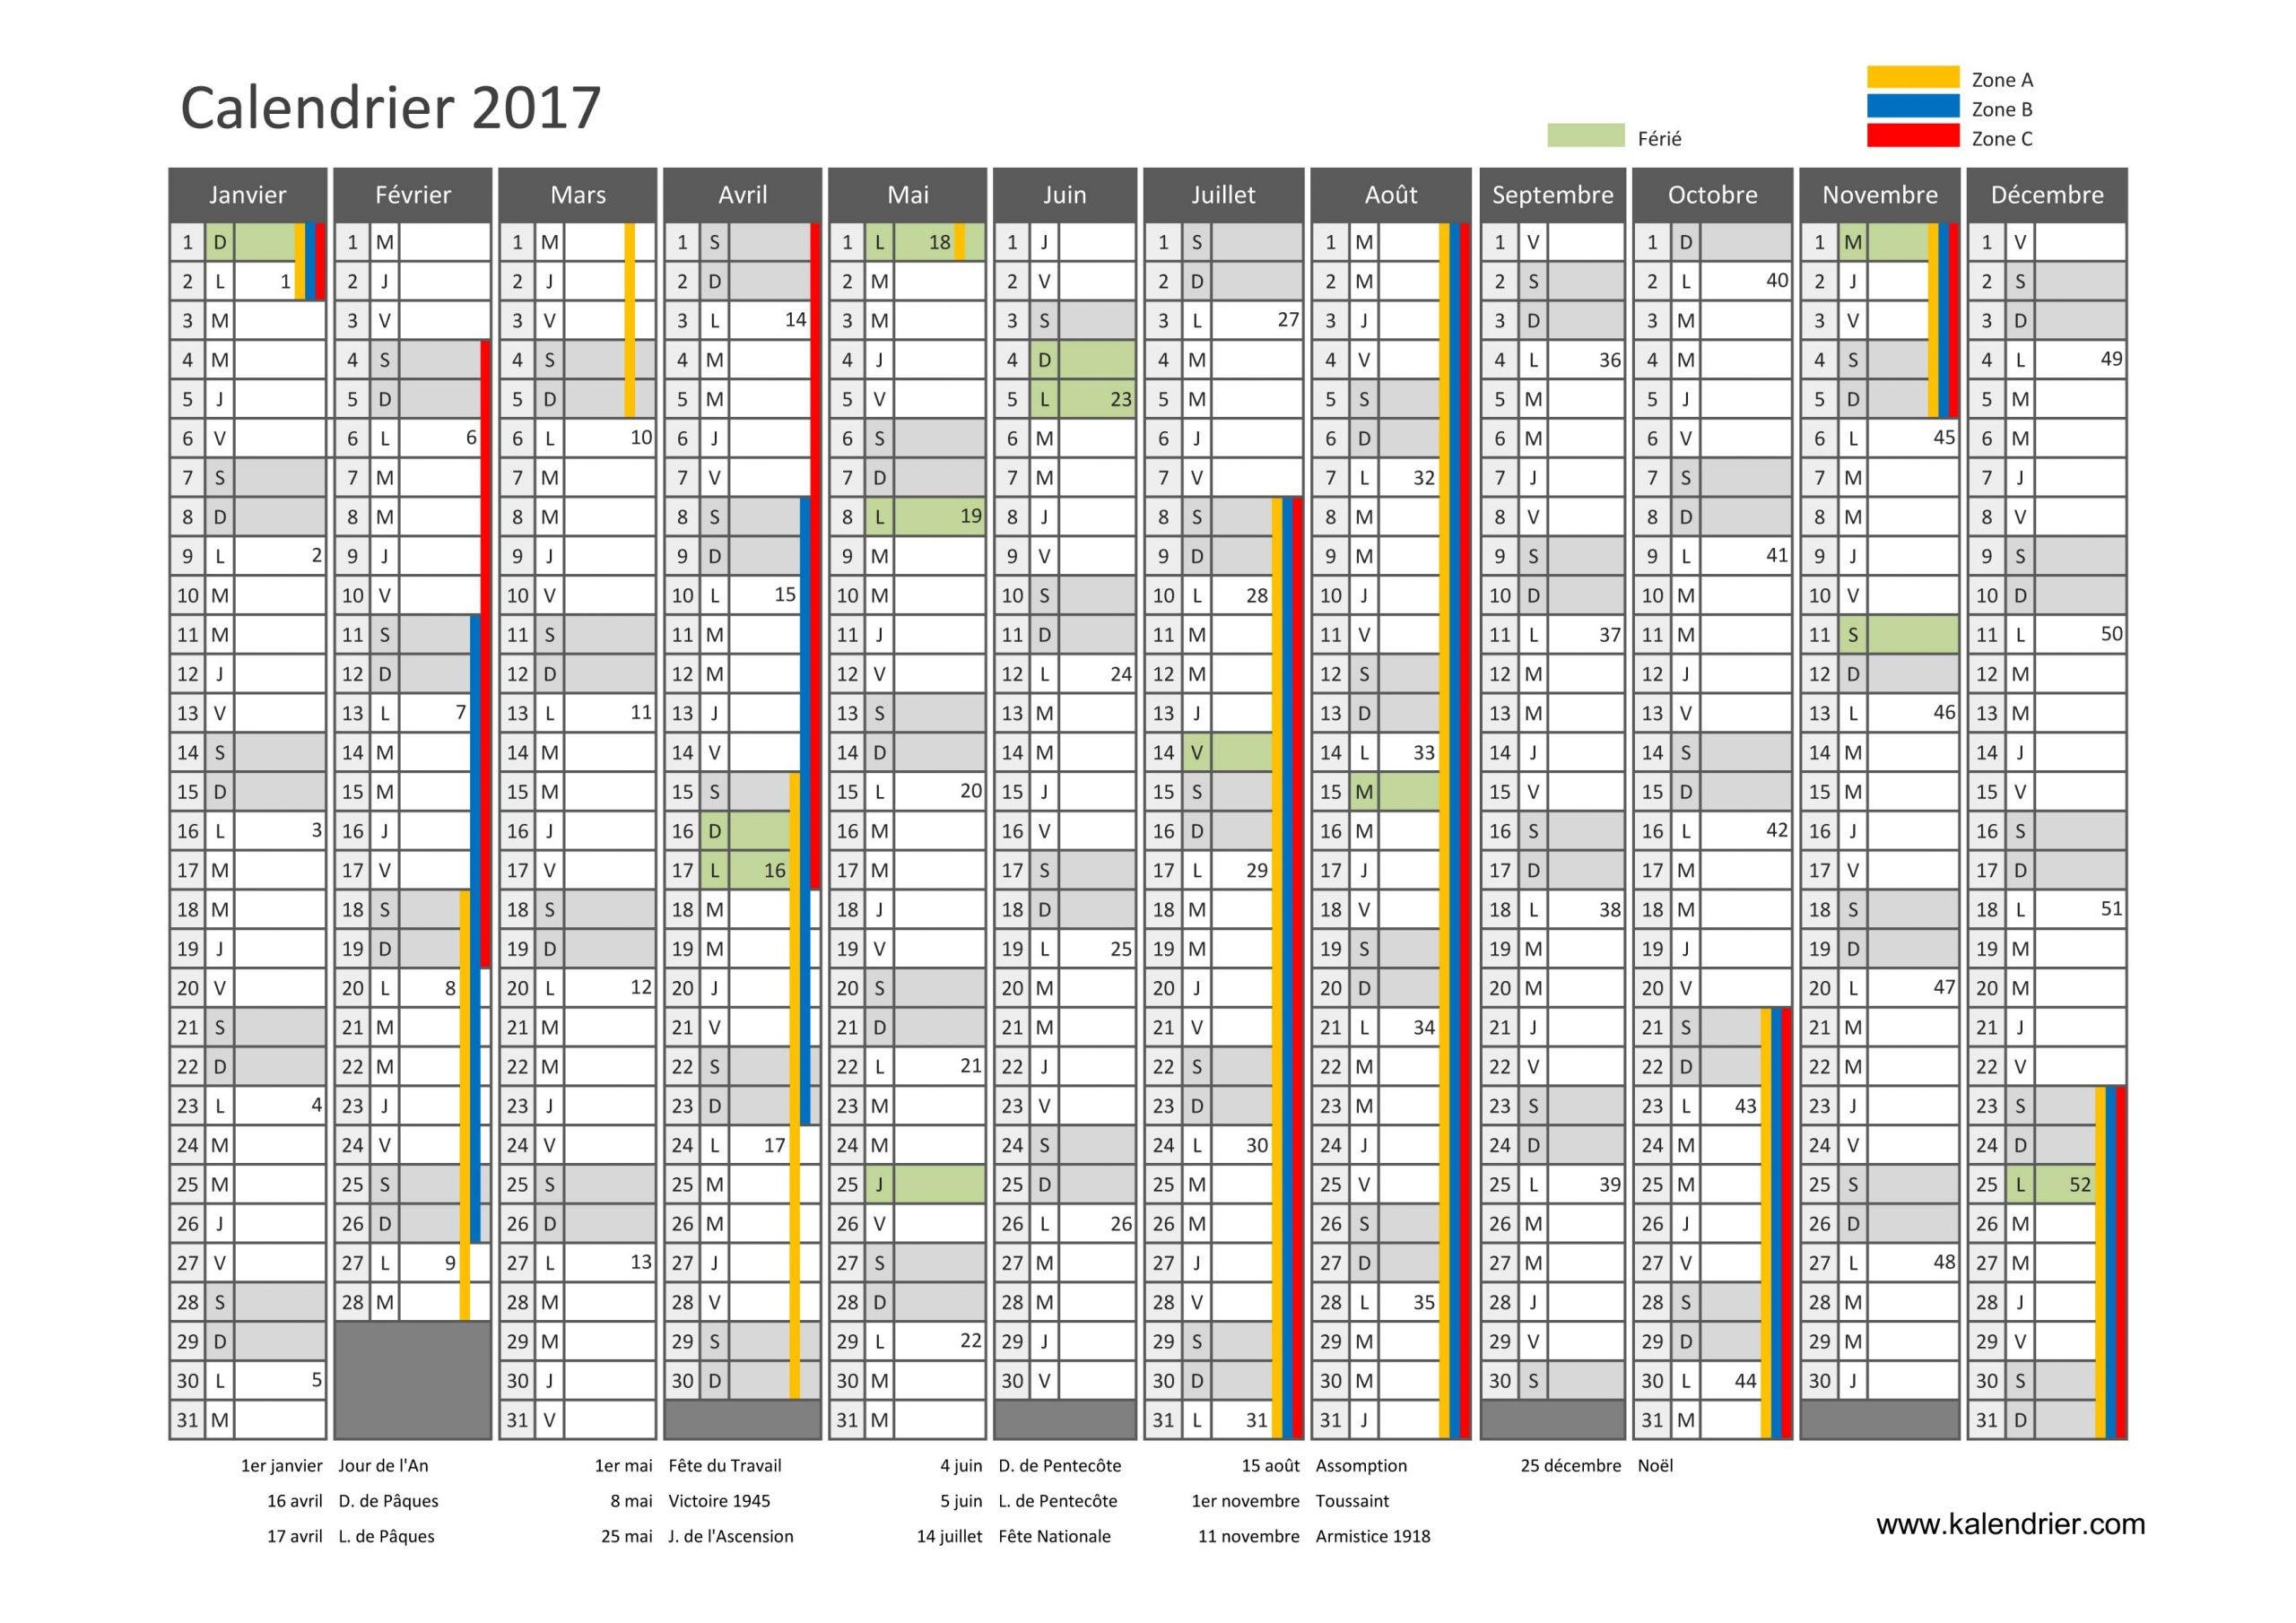 Imprimer Calendrier 2017 Gratuitement - Pdf, Xls Et Jpg tout Calendrier Annuel 2019 À Imprimer Gratuit